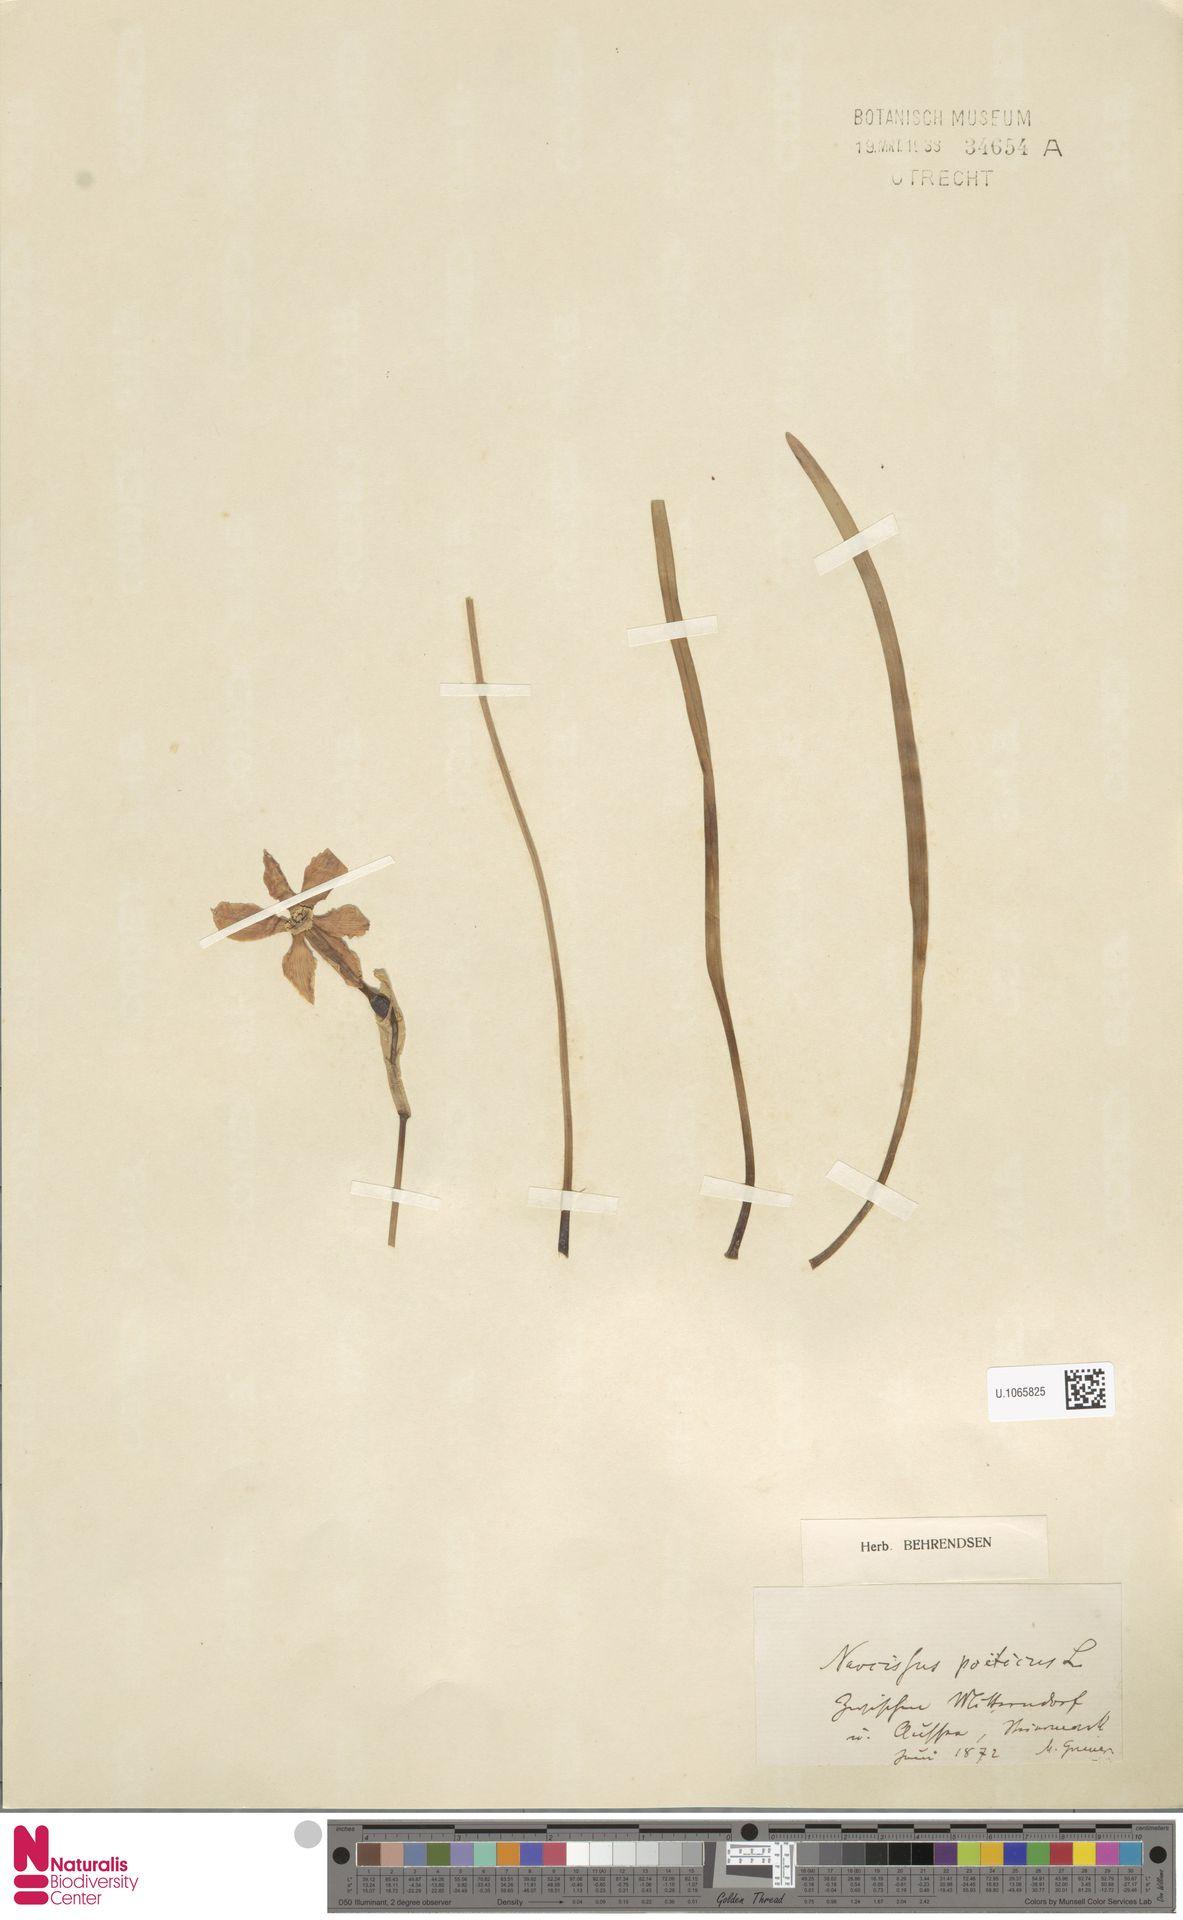 U.1065825 | Narcissus poeticus L.